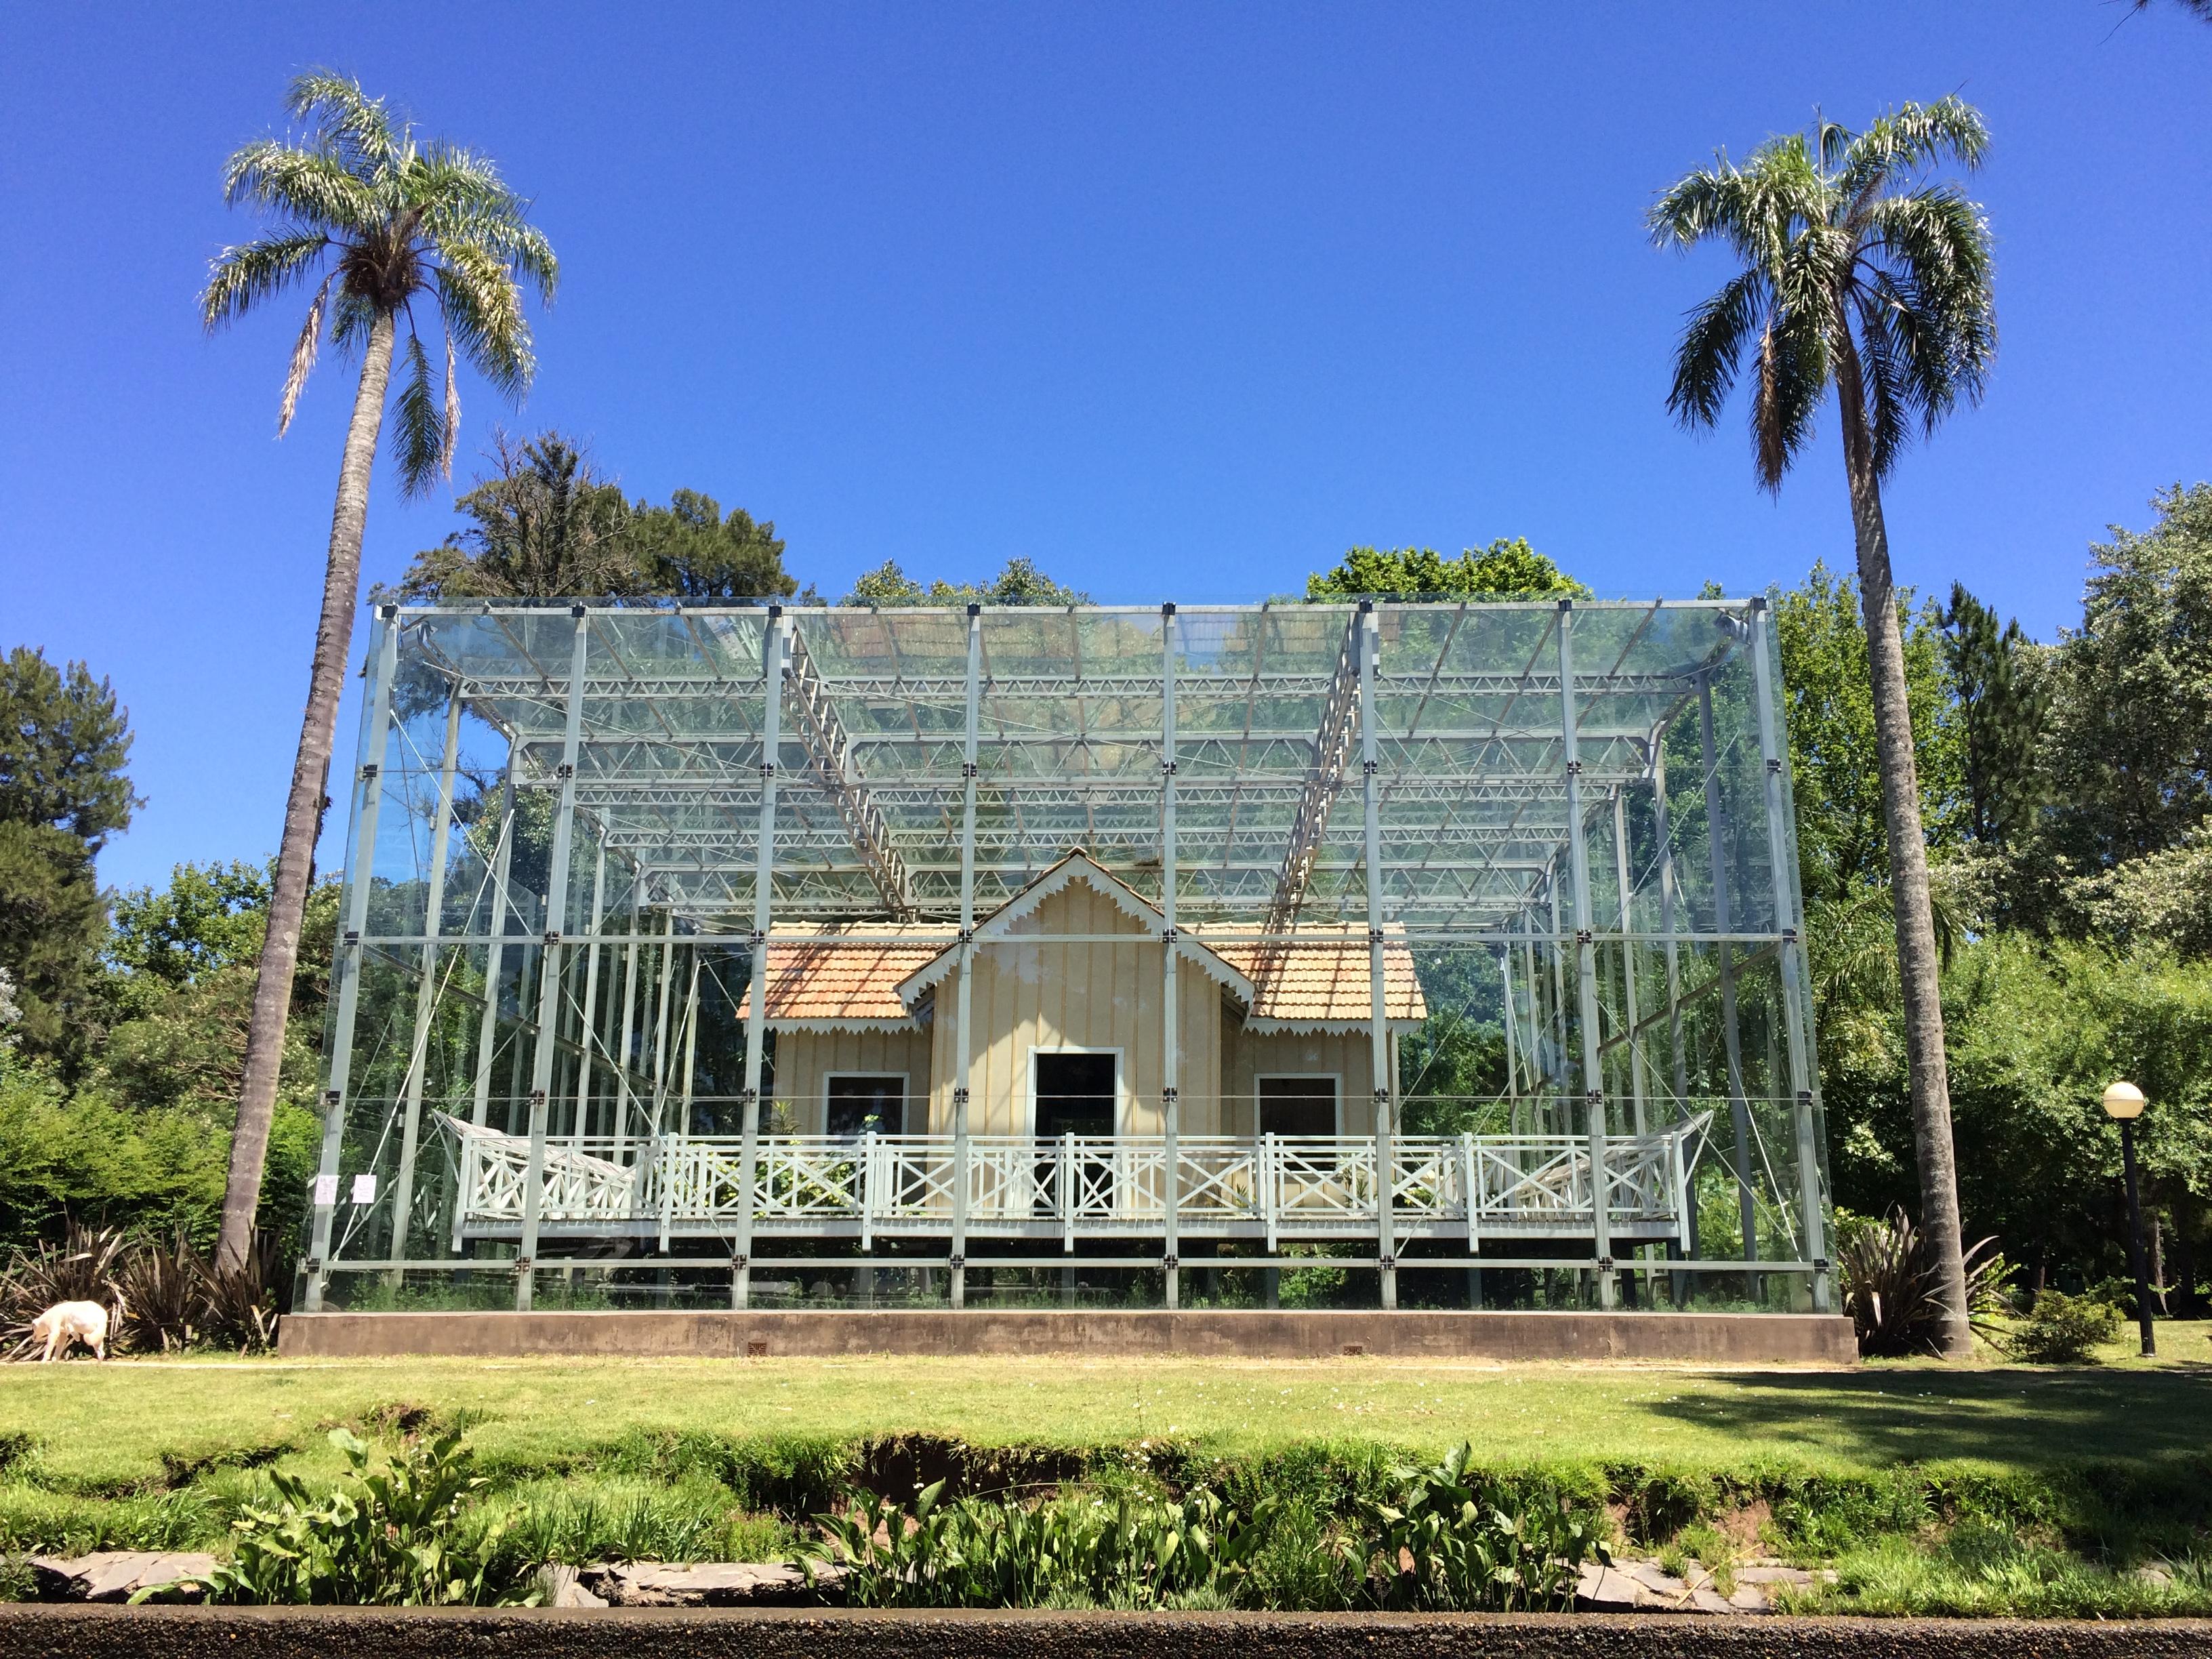 delta-do-tigre-buenos-aires-argentina-casa-de-vidro